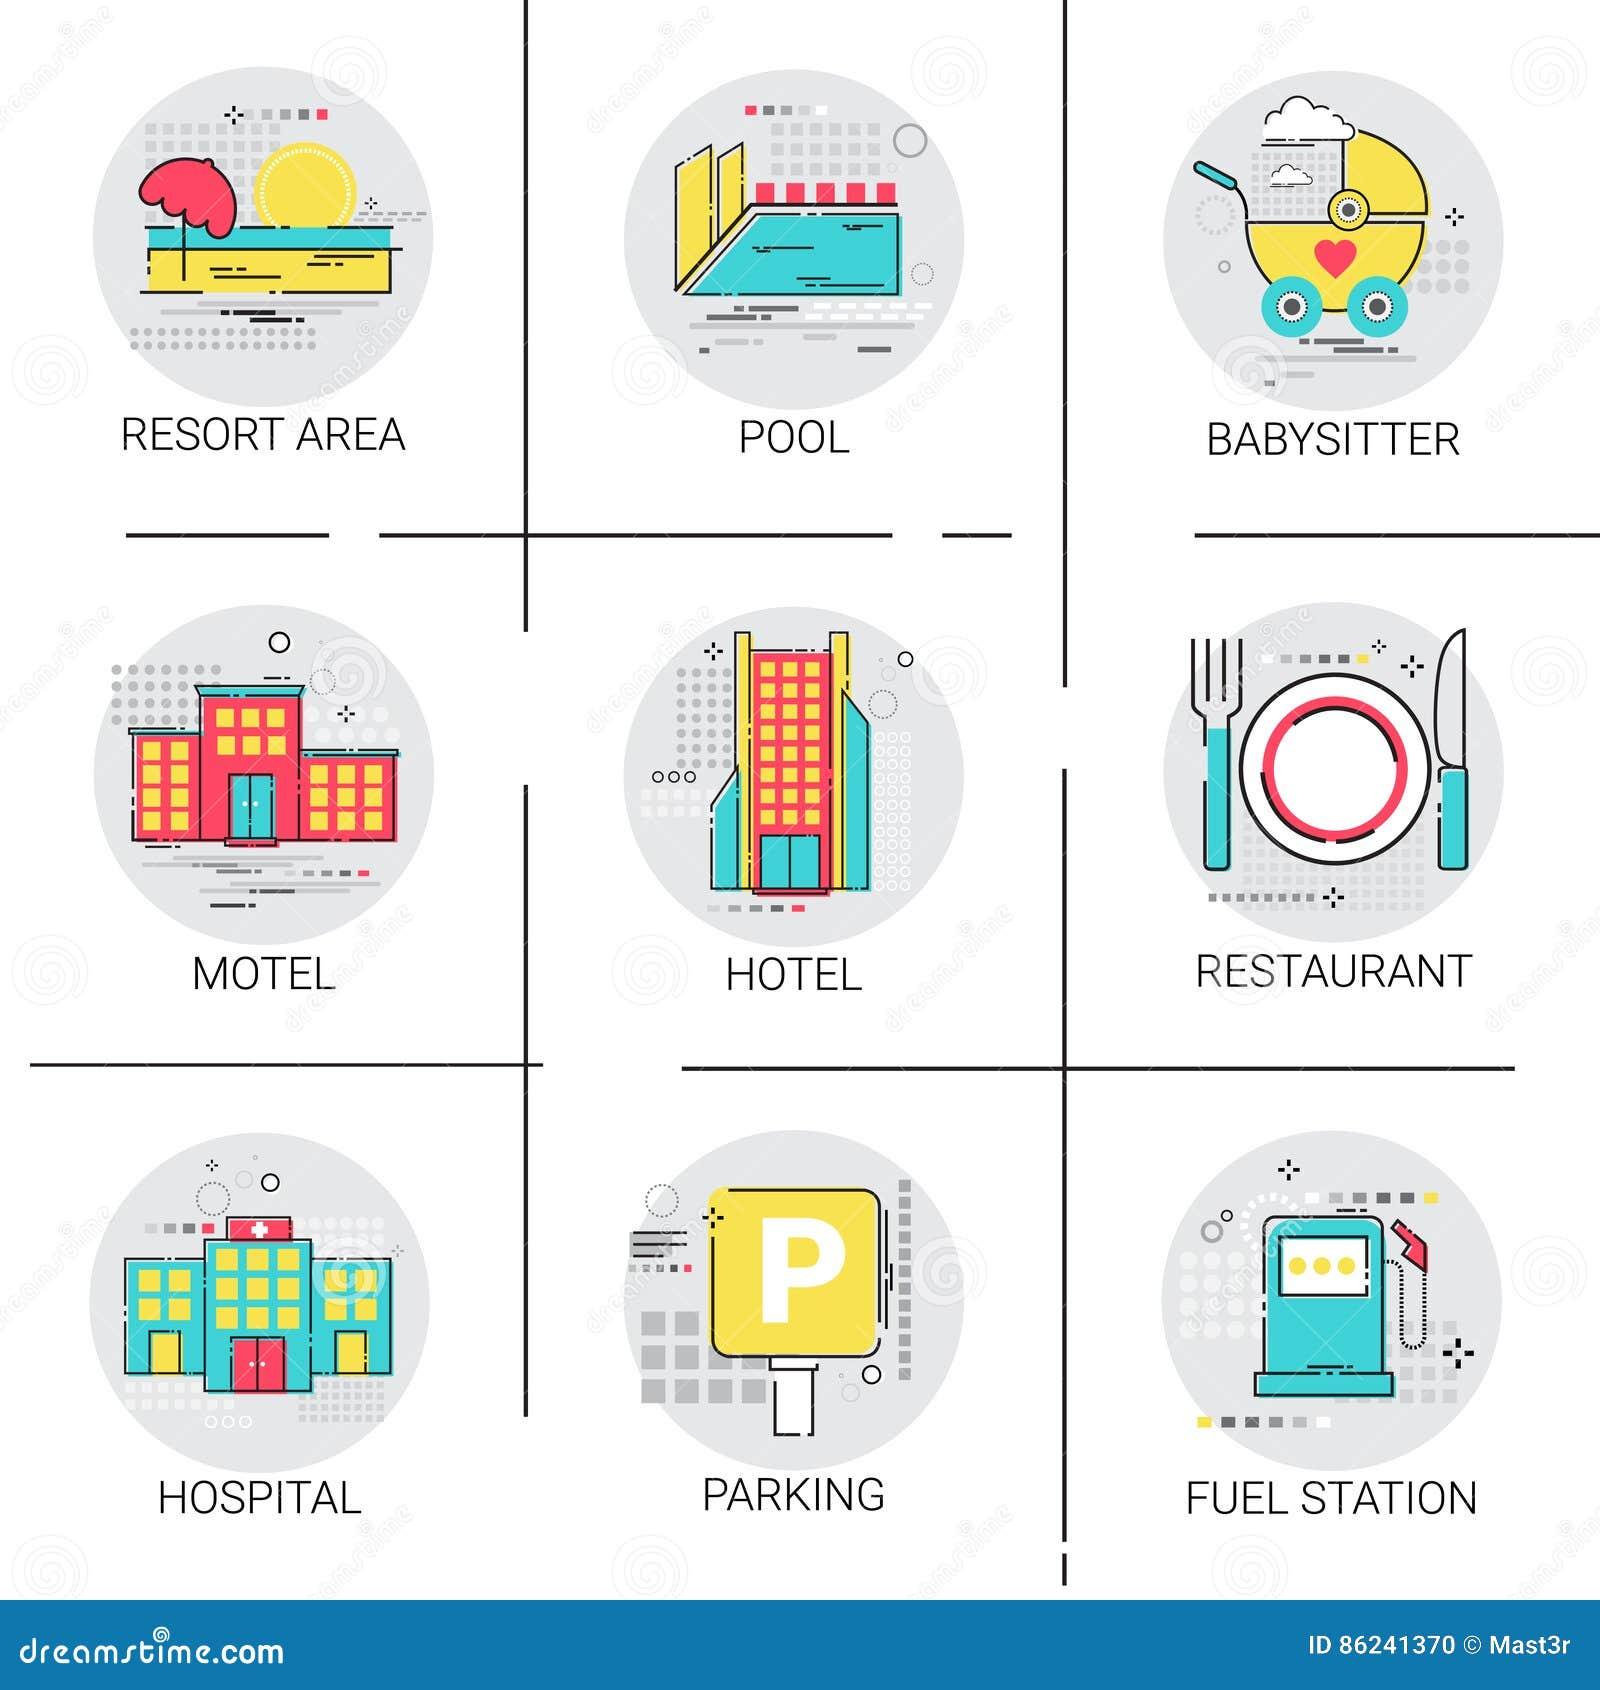 Sistema del icono del servicio de la piscina del hospital del centro turístico del restaurante del edificio del hotel